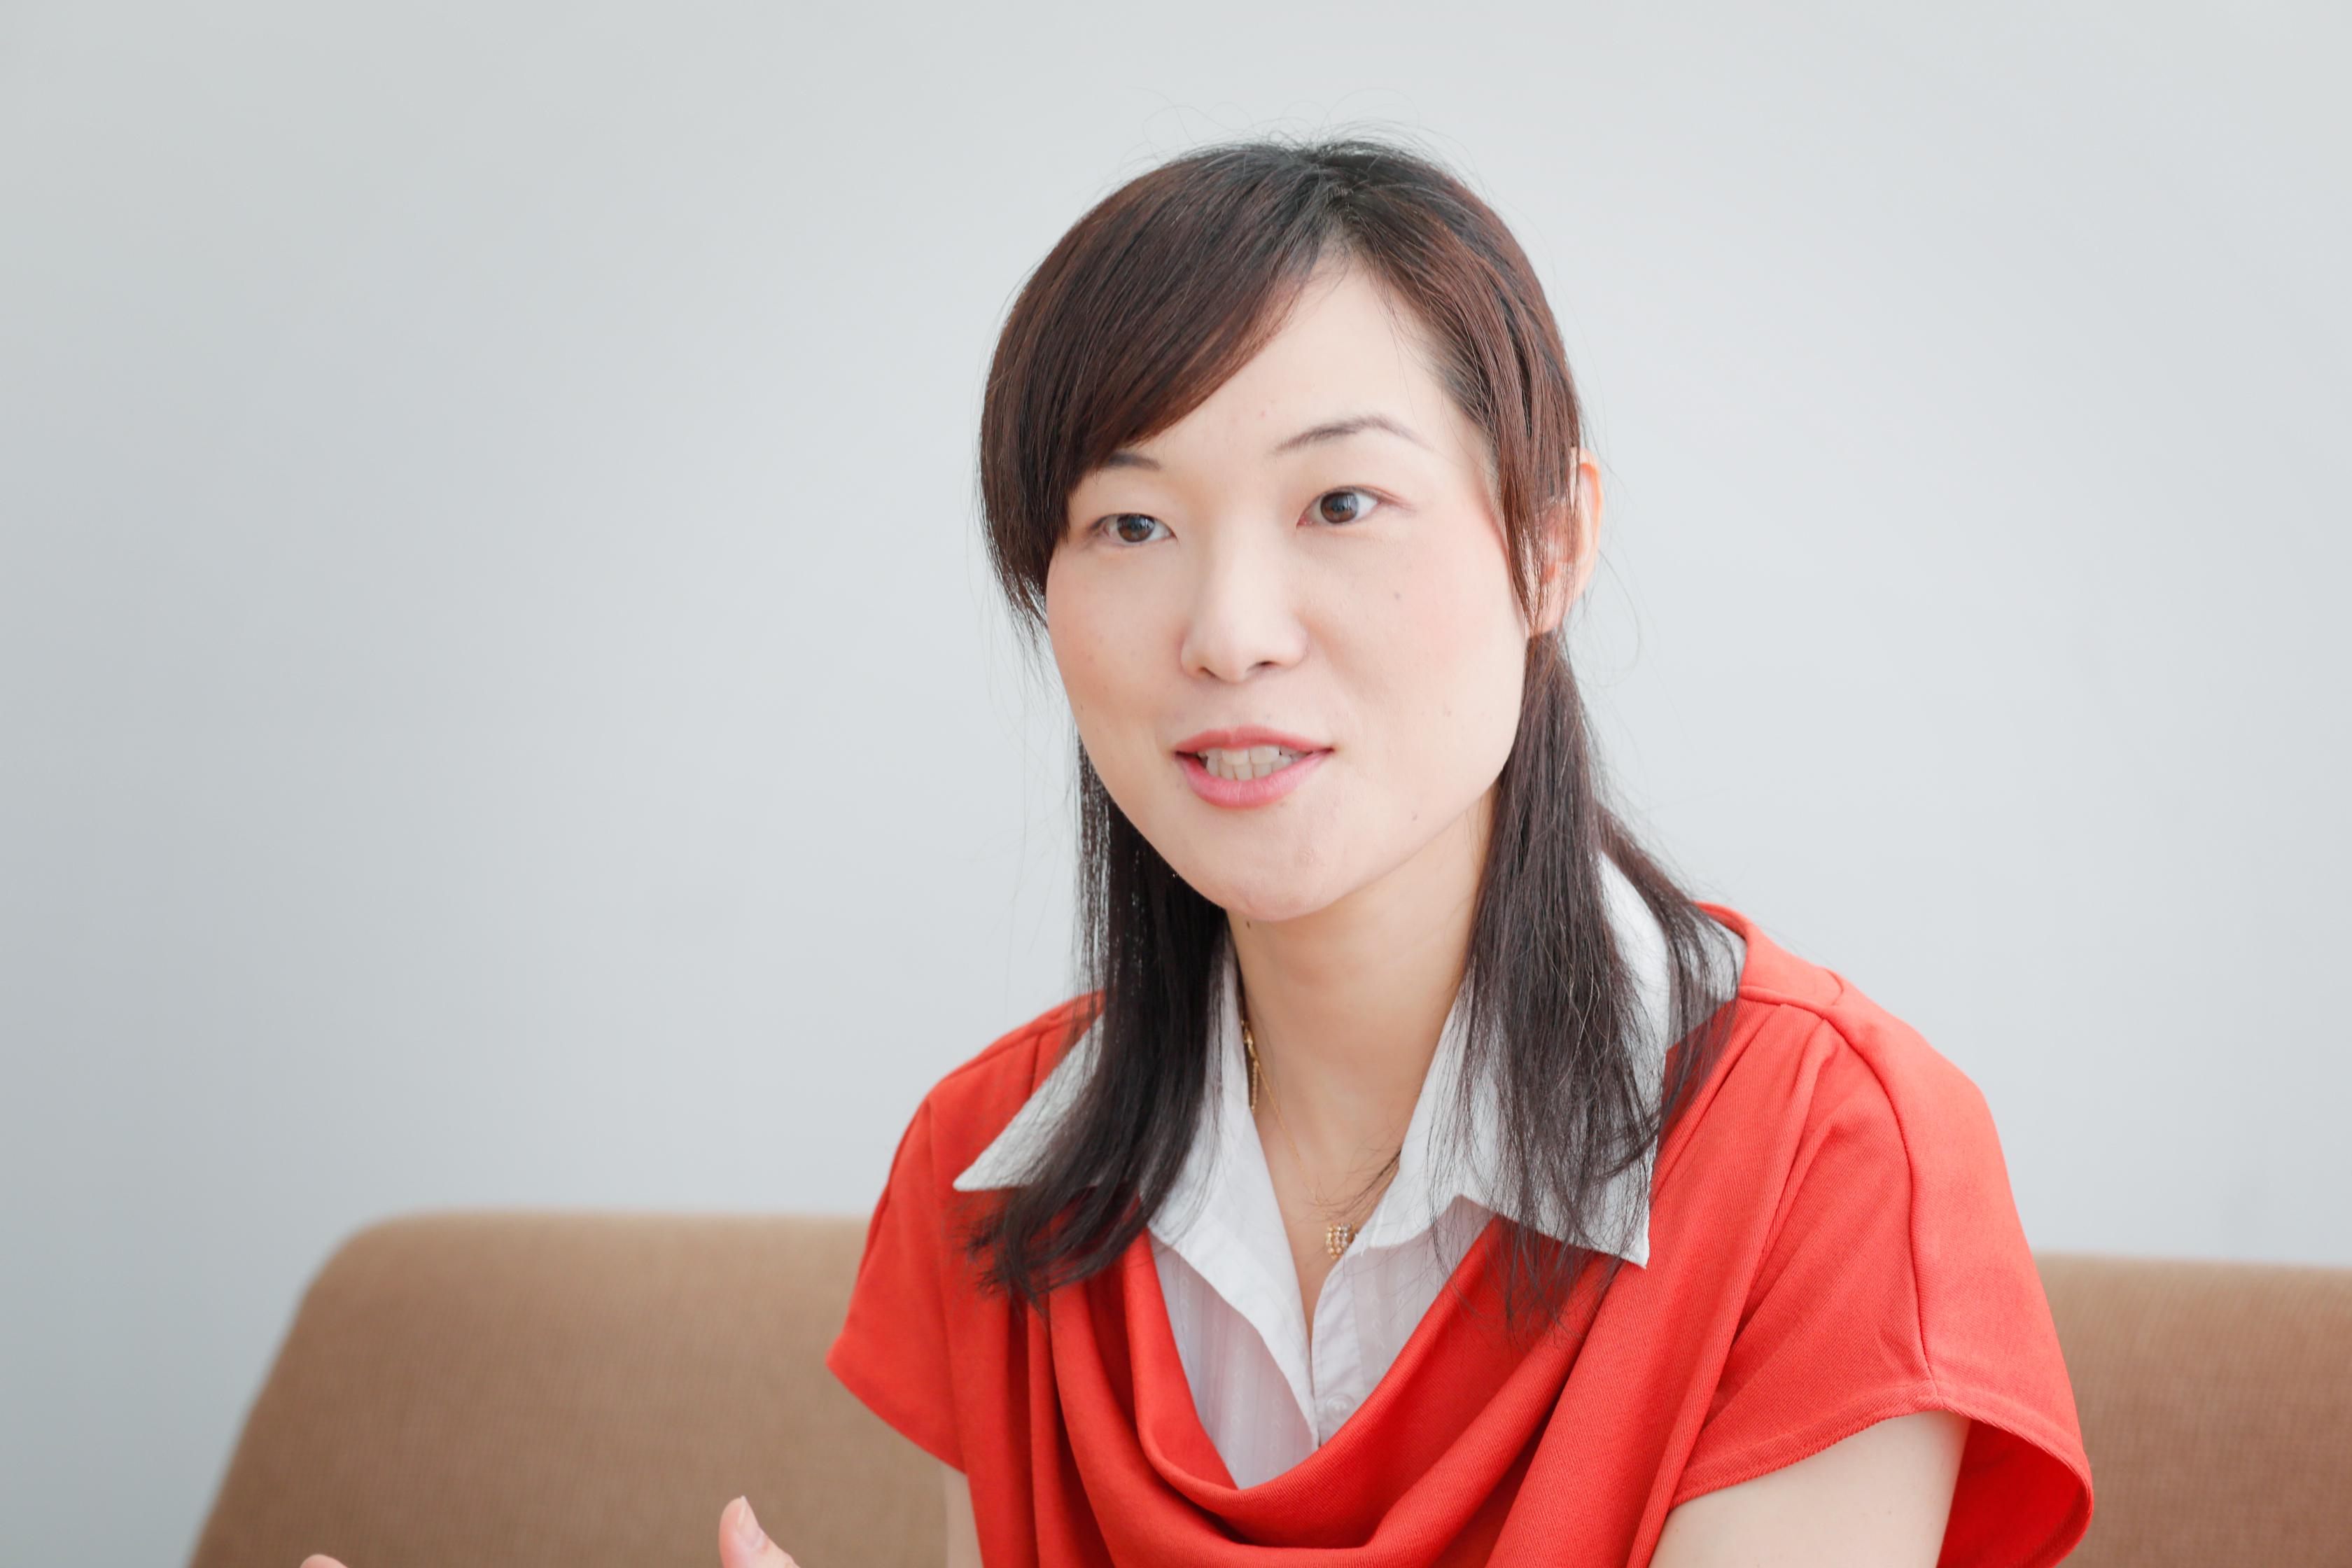 松岡亜希子さんインタビュー画像